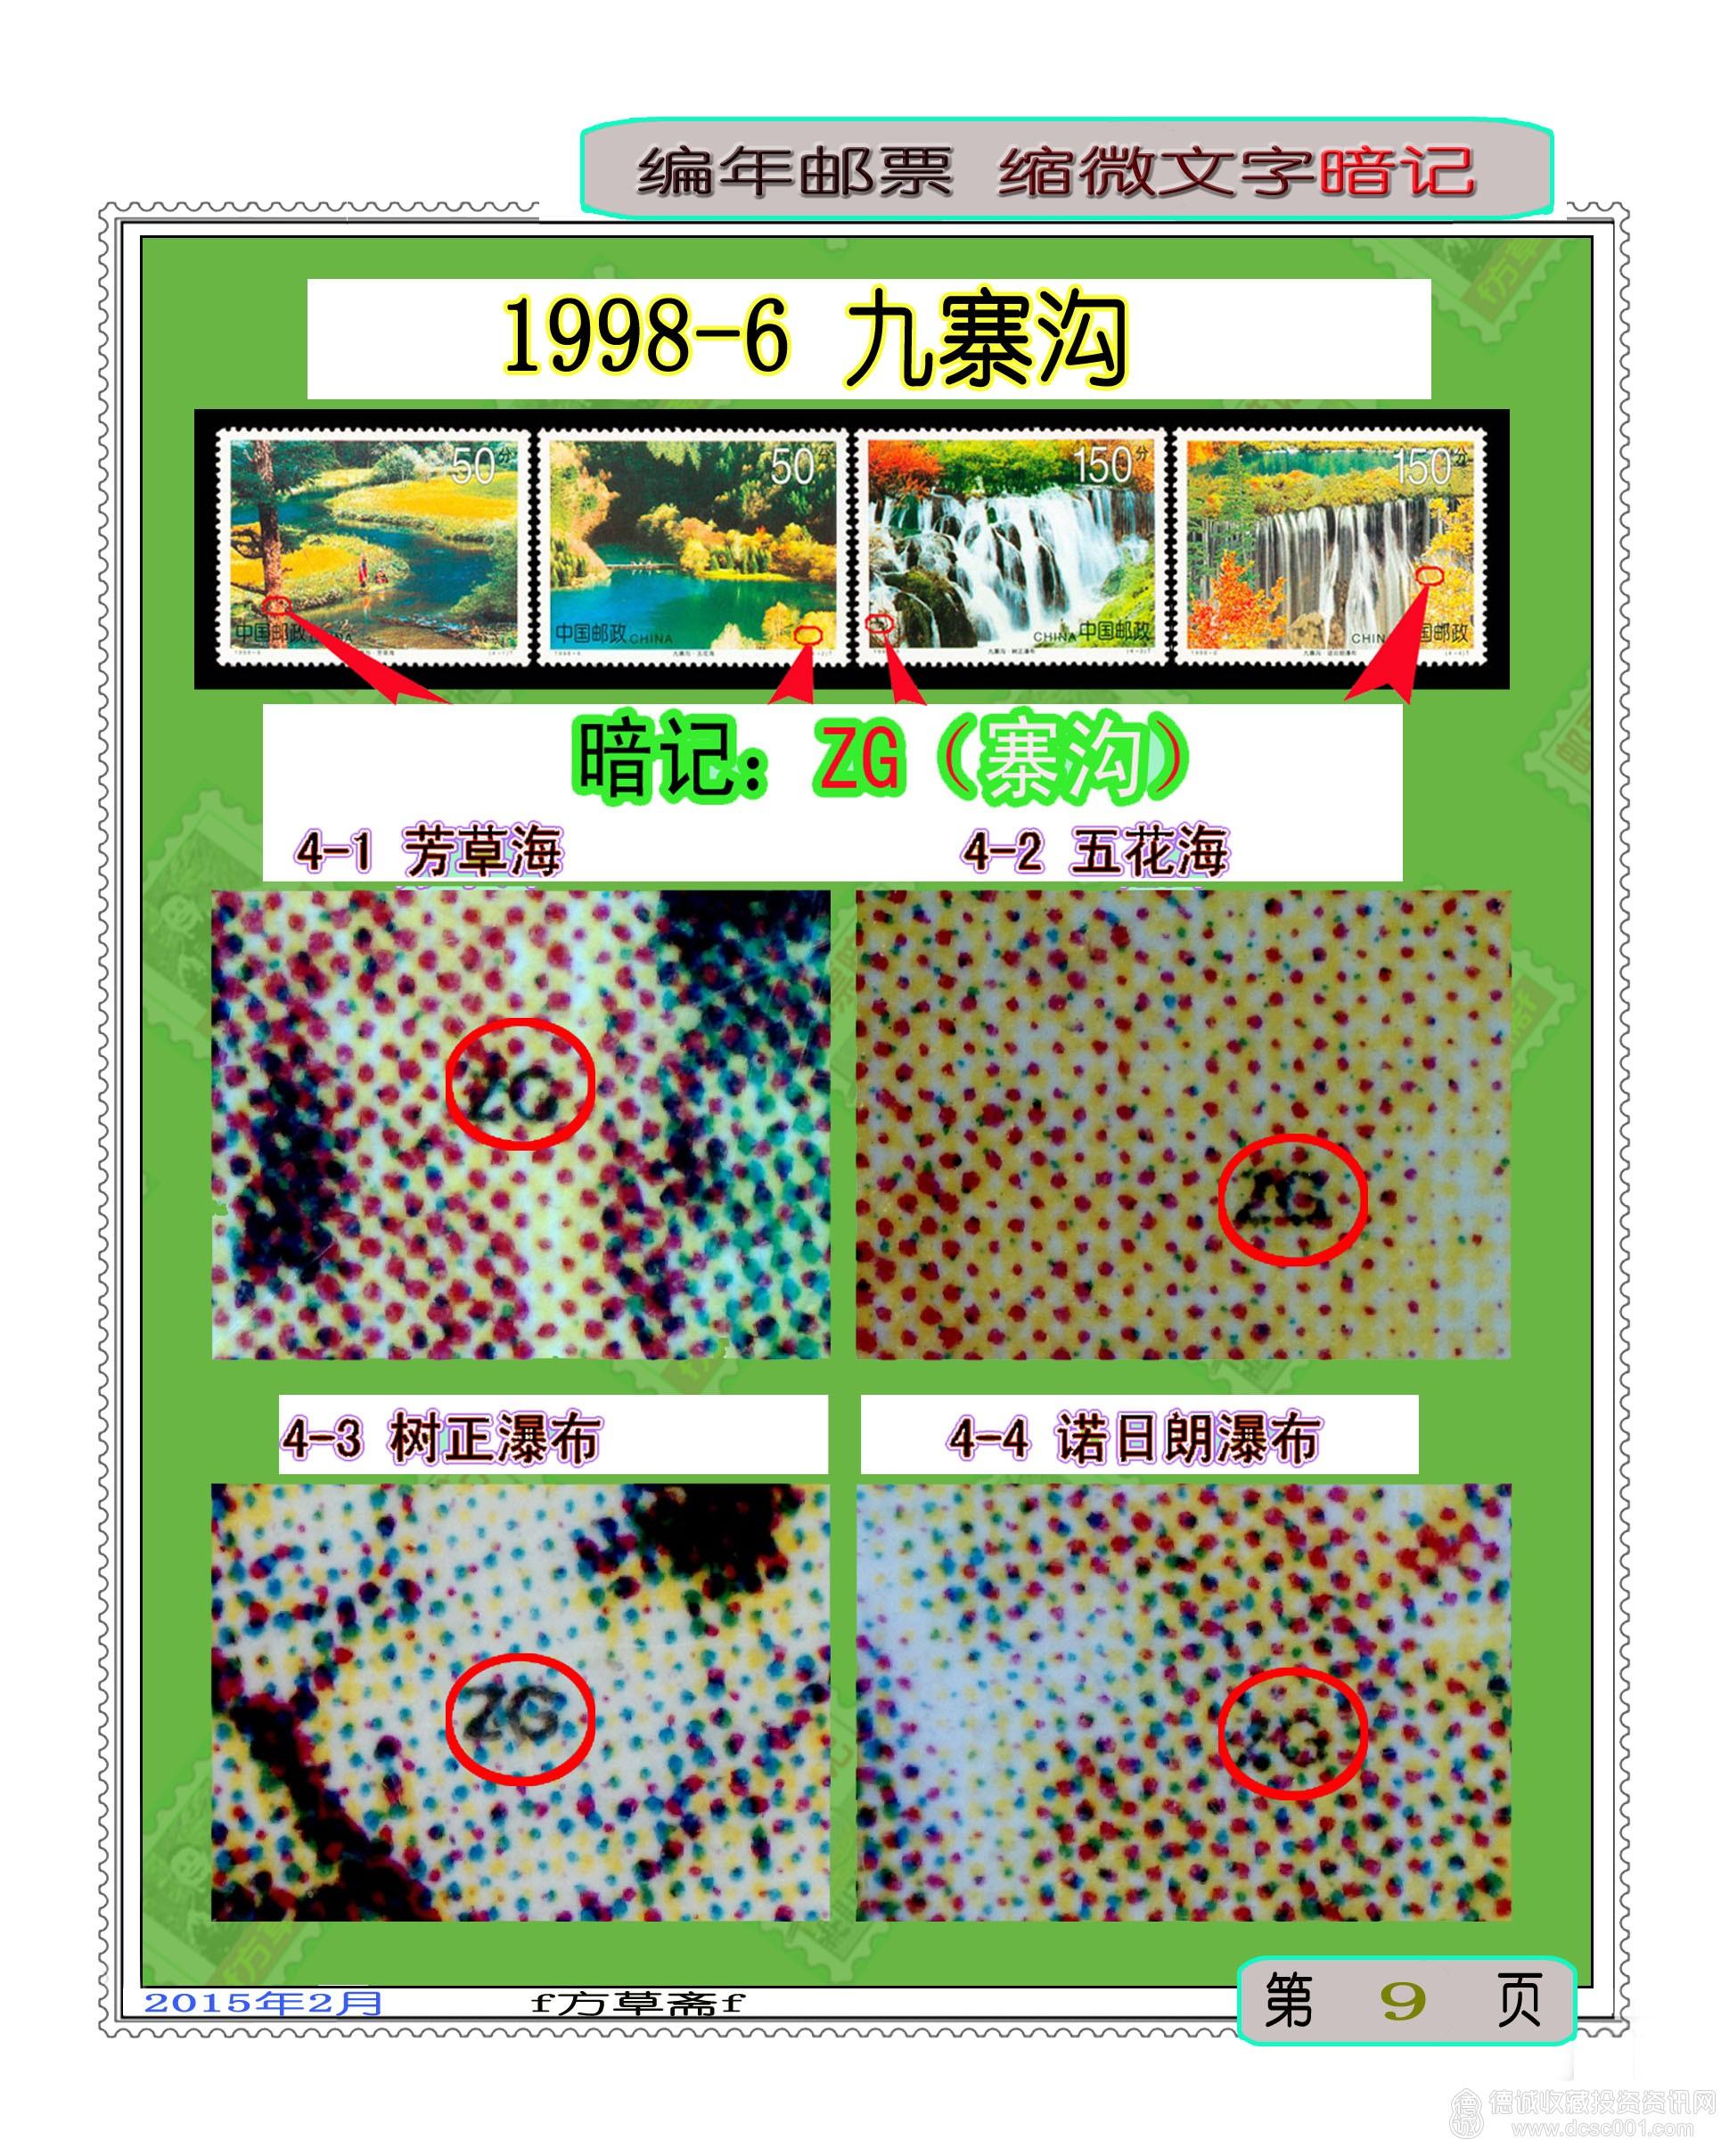 1998-6 九寨沟 (T).jpg